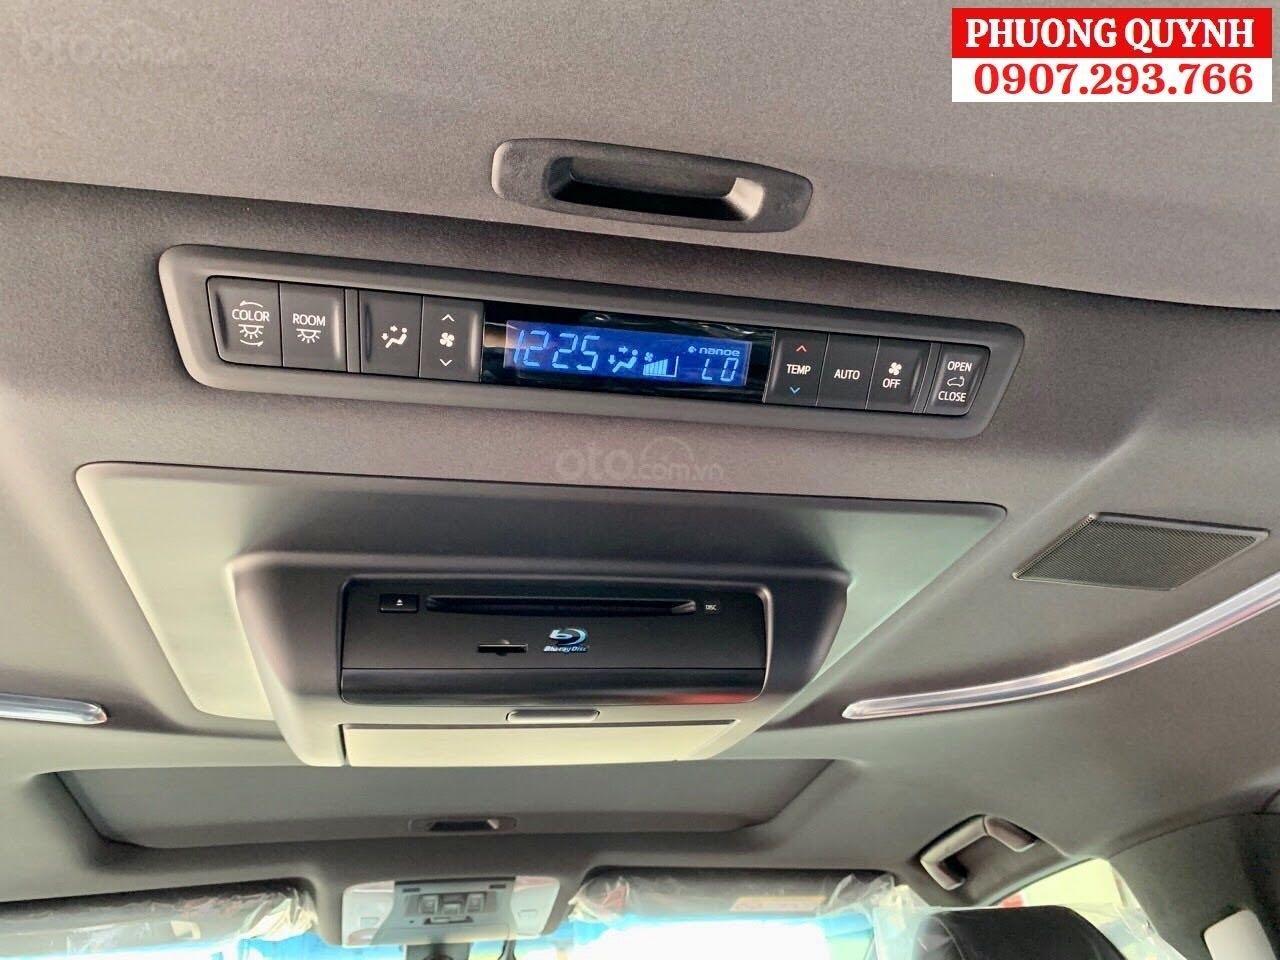 Toyota Alphard - Chuyên cơ mặt đất - đẳng cấp thương gia (9)